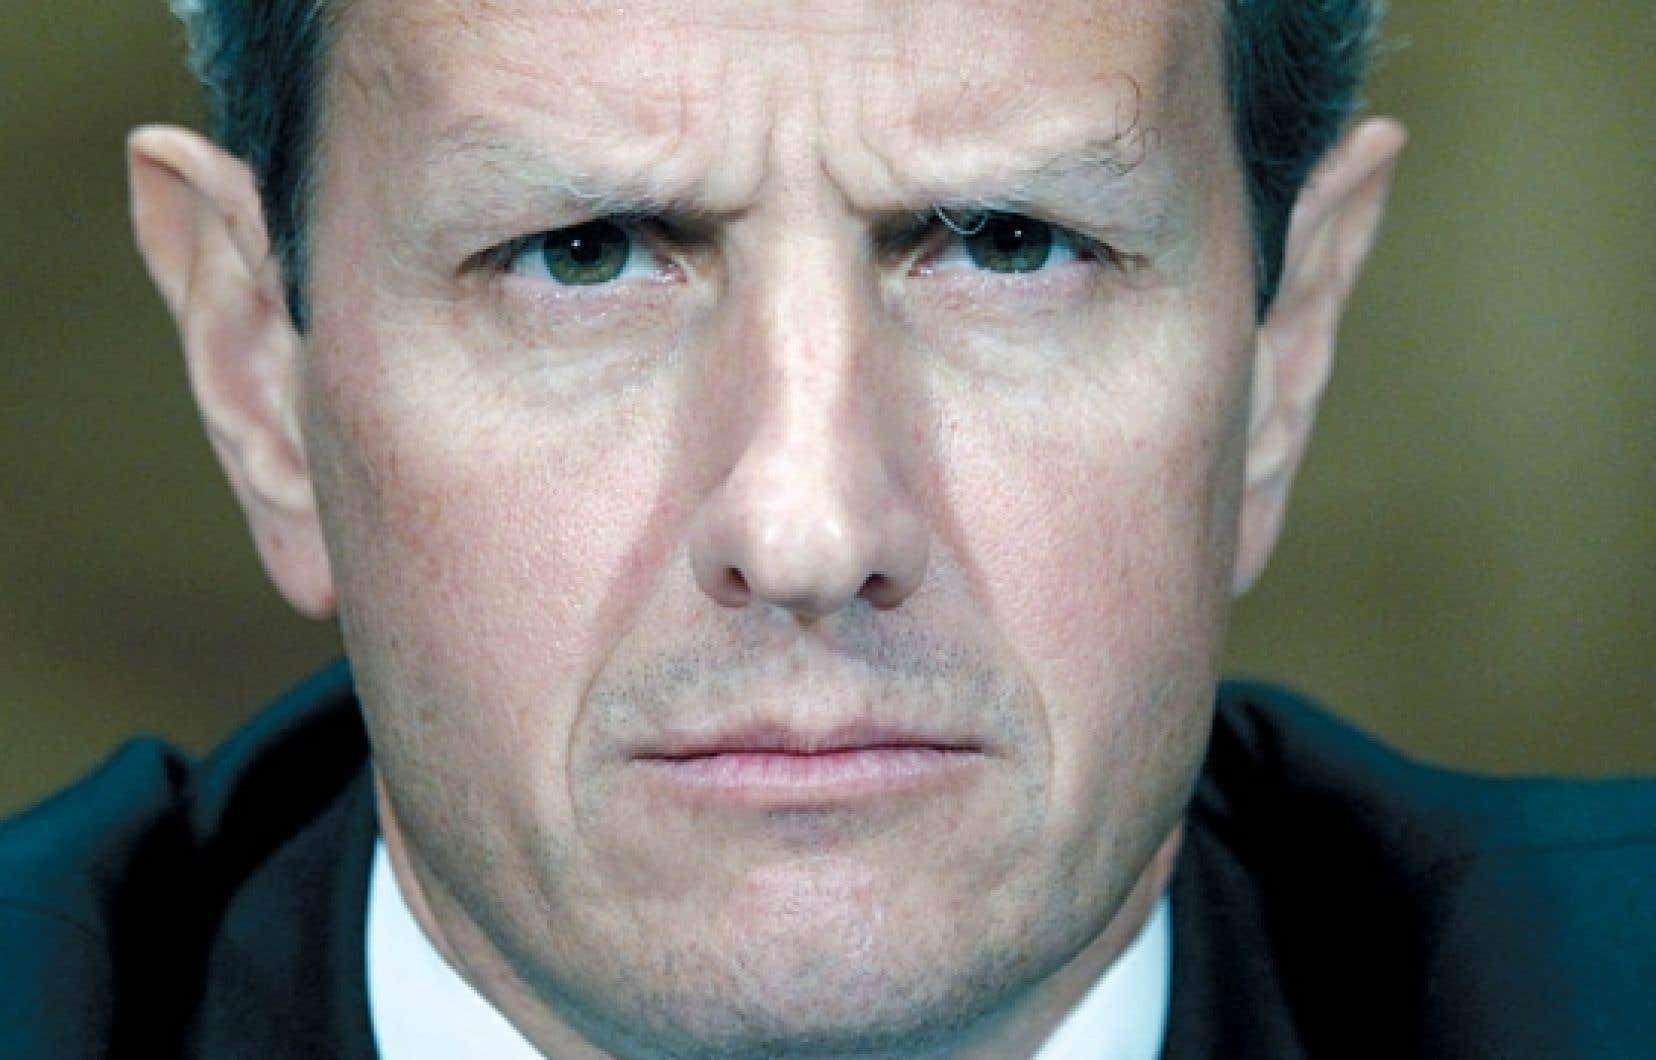 Le secr&eacute;taire au Tr&eacute;sor Timothy Geithner &laquo;a fait savoir au pr&eacute;sident qu&rsquo;il comptait rester &agrave; son poste&raquo;, a affirm&eacute; son minist&egrave;re dans un communiqu&eacute;. Le maintien en poste de M. Geithner, dont la d&eacute;mission avait &eacute;t&eacute; demand&eacute;e samedi par des &eacute;lus r&eacute;publicains, pourrait constituer un gage de stabilit&eacute; au moment o&ugrave; l&rsquo;incertitude plane sur les march&eacute;s financiers.<br />